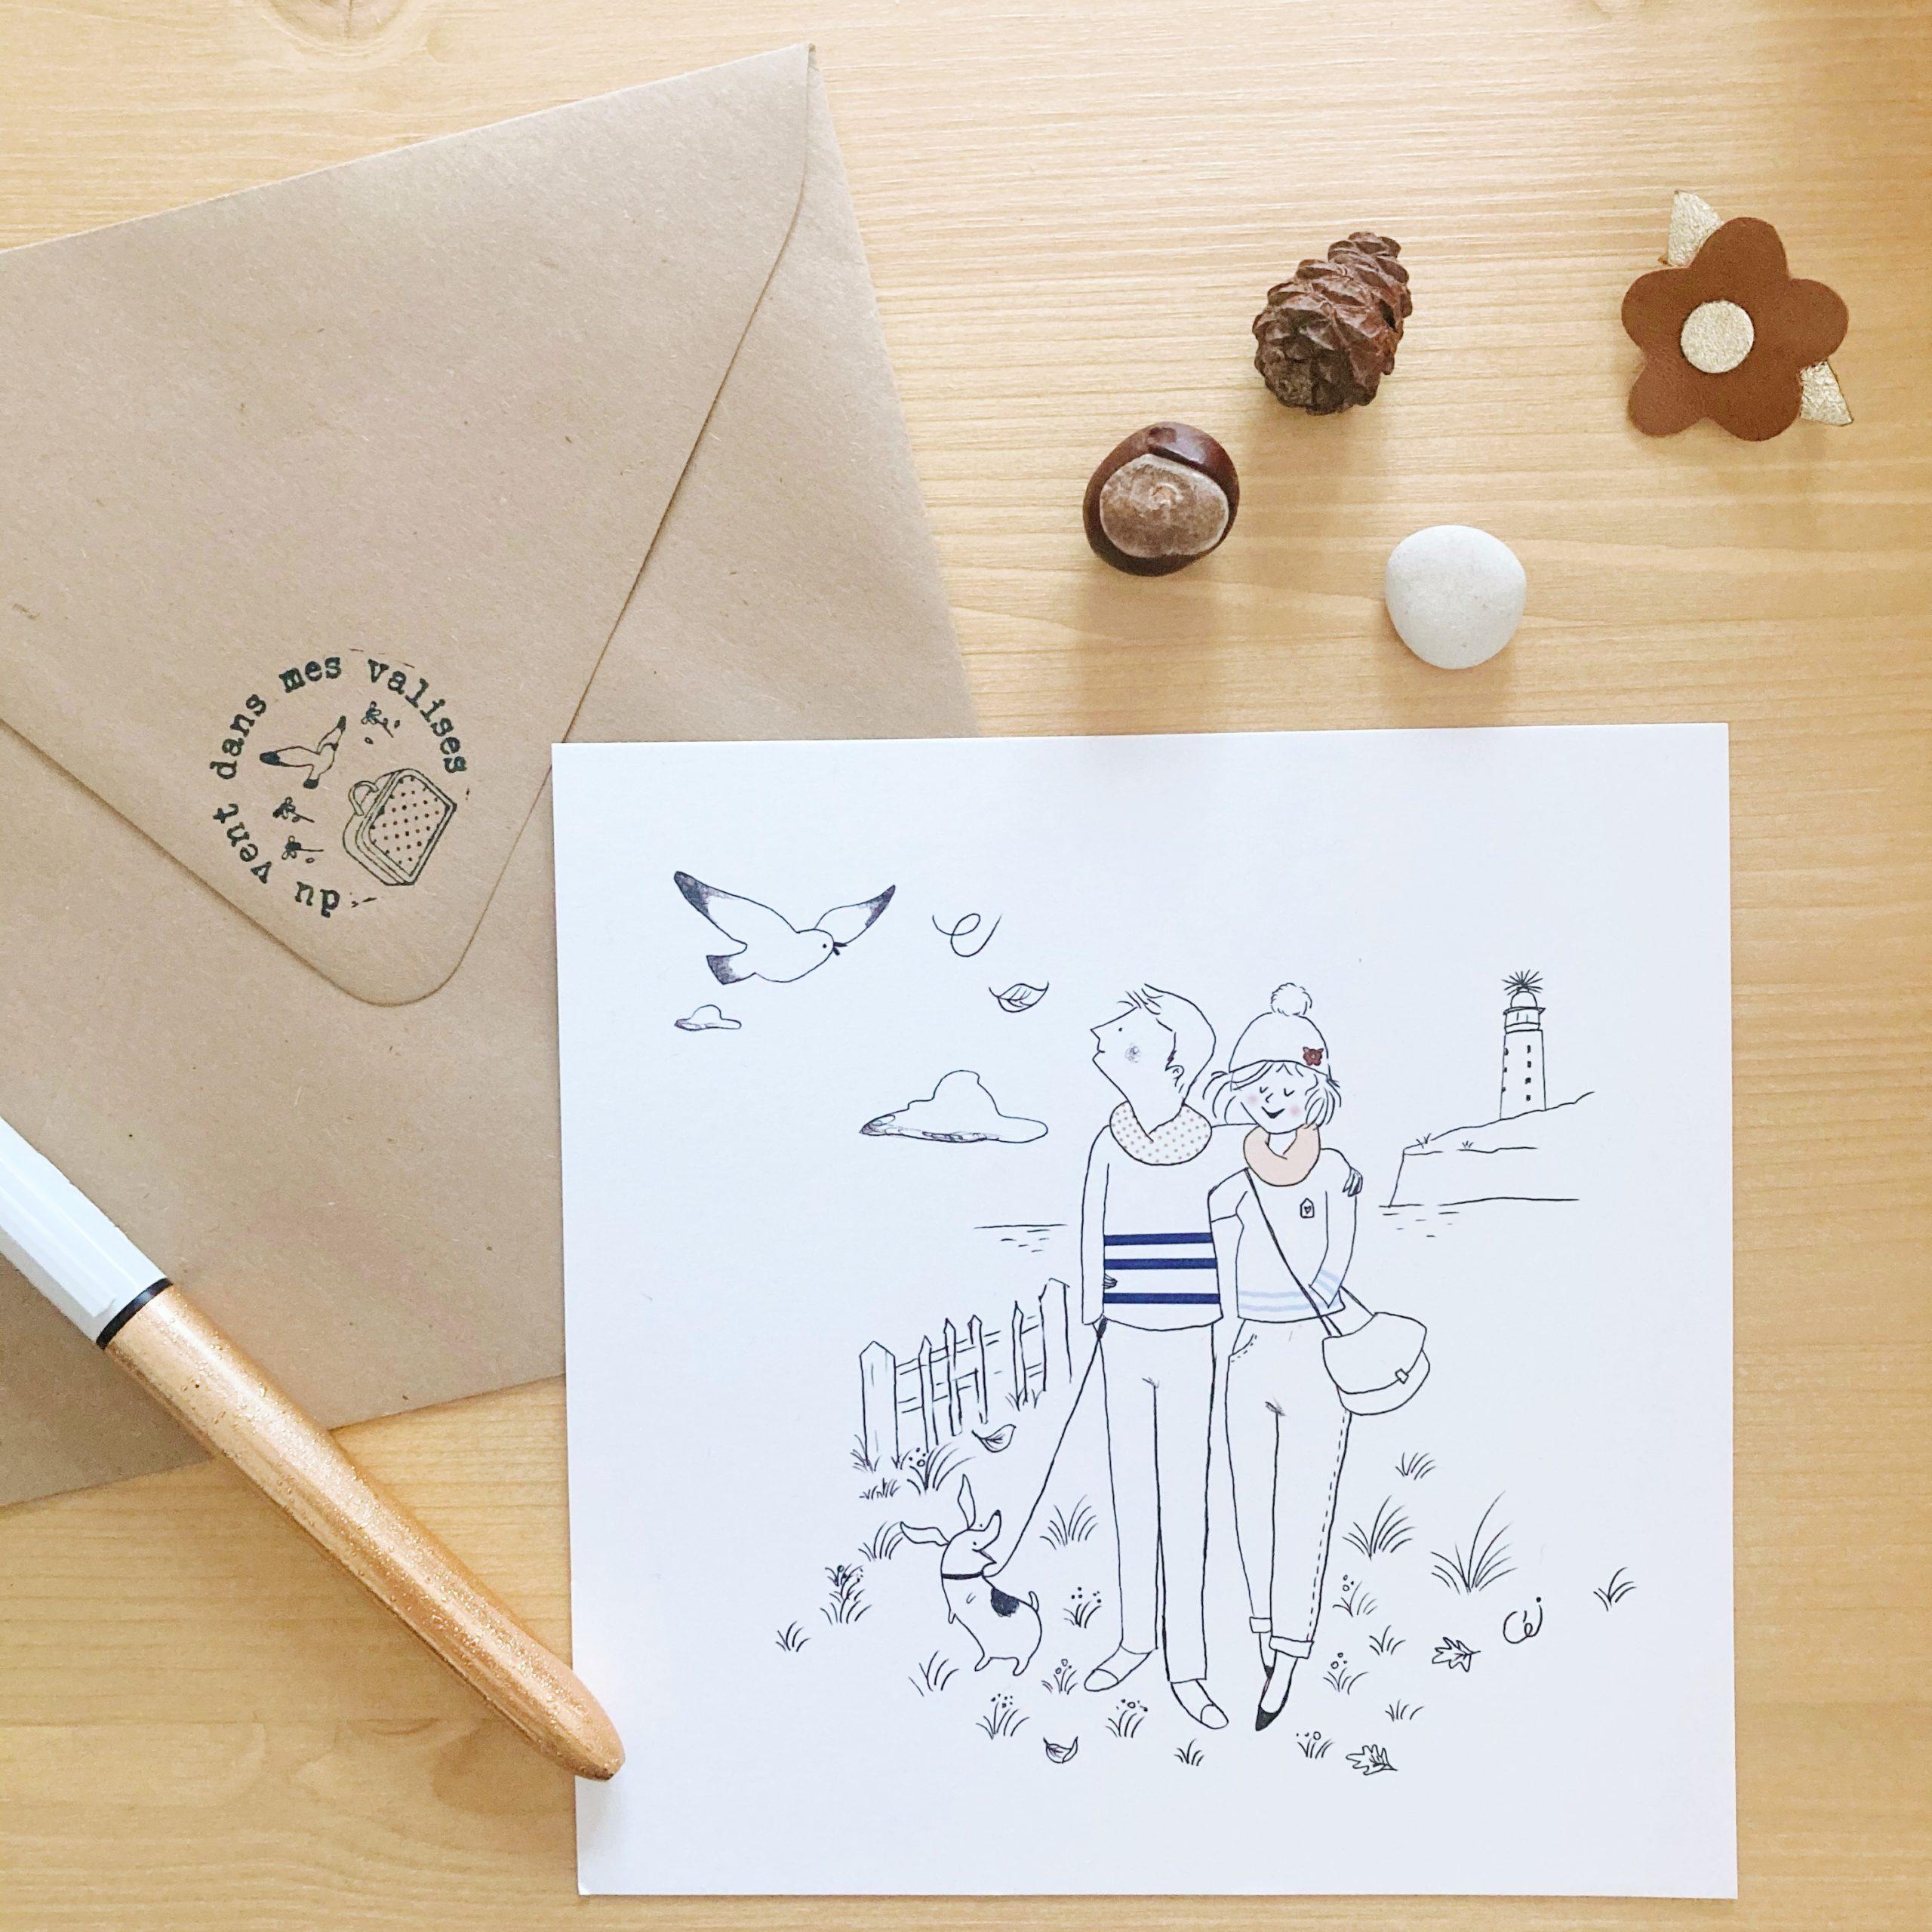 carte illustrée poétique fabrication artisanale française, la promenade en couple au cap gris nez - du vent dans mes valises x Eulalie sous la lune